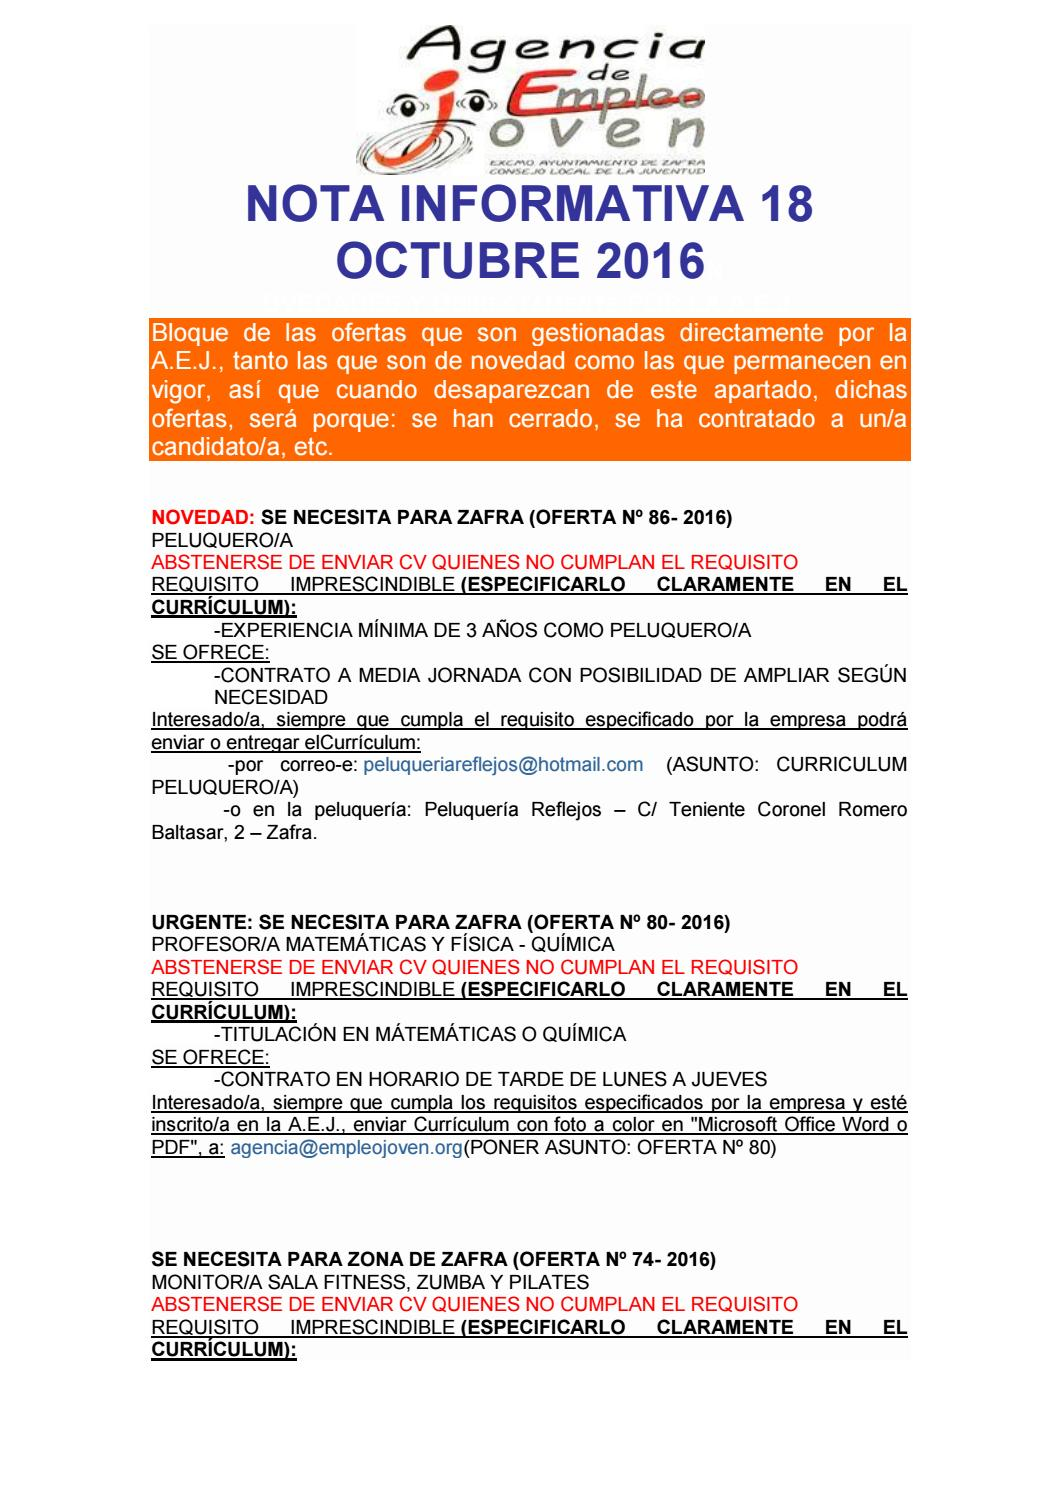 Nota informativa 18 octubre, EMPLEO, BECAS, CURSOS,... by Segura Al ...